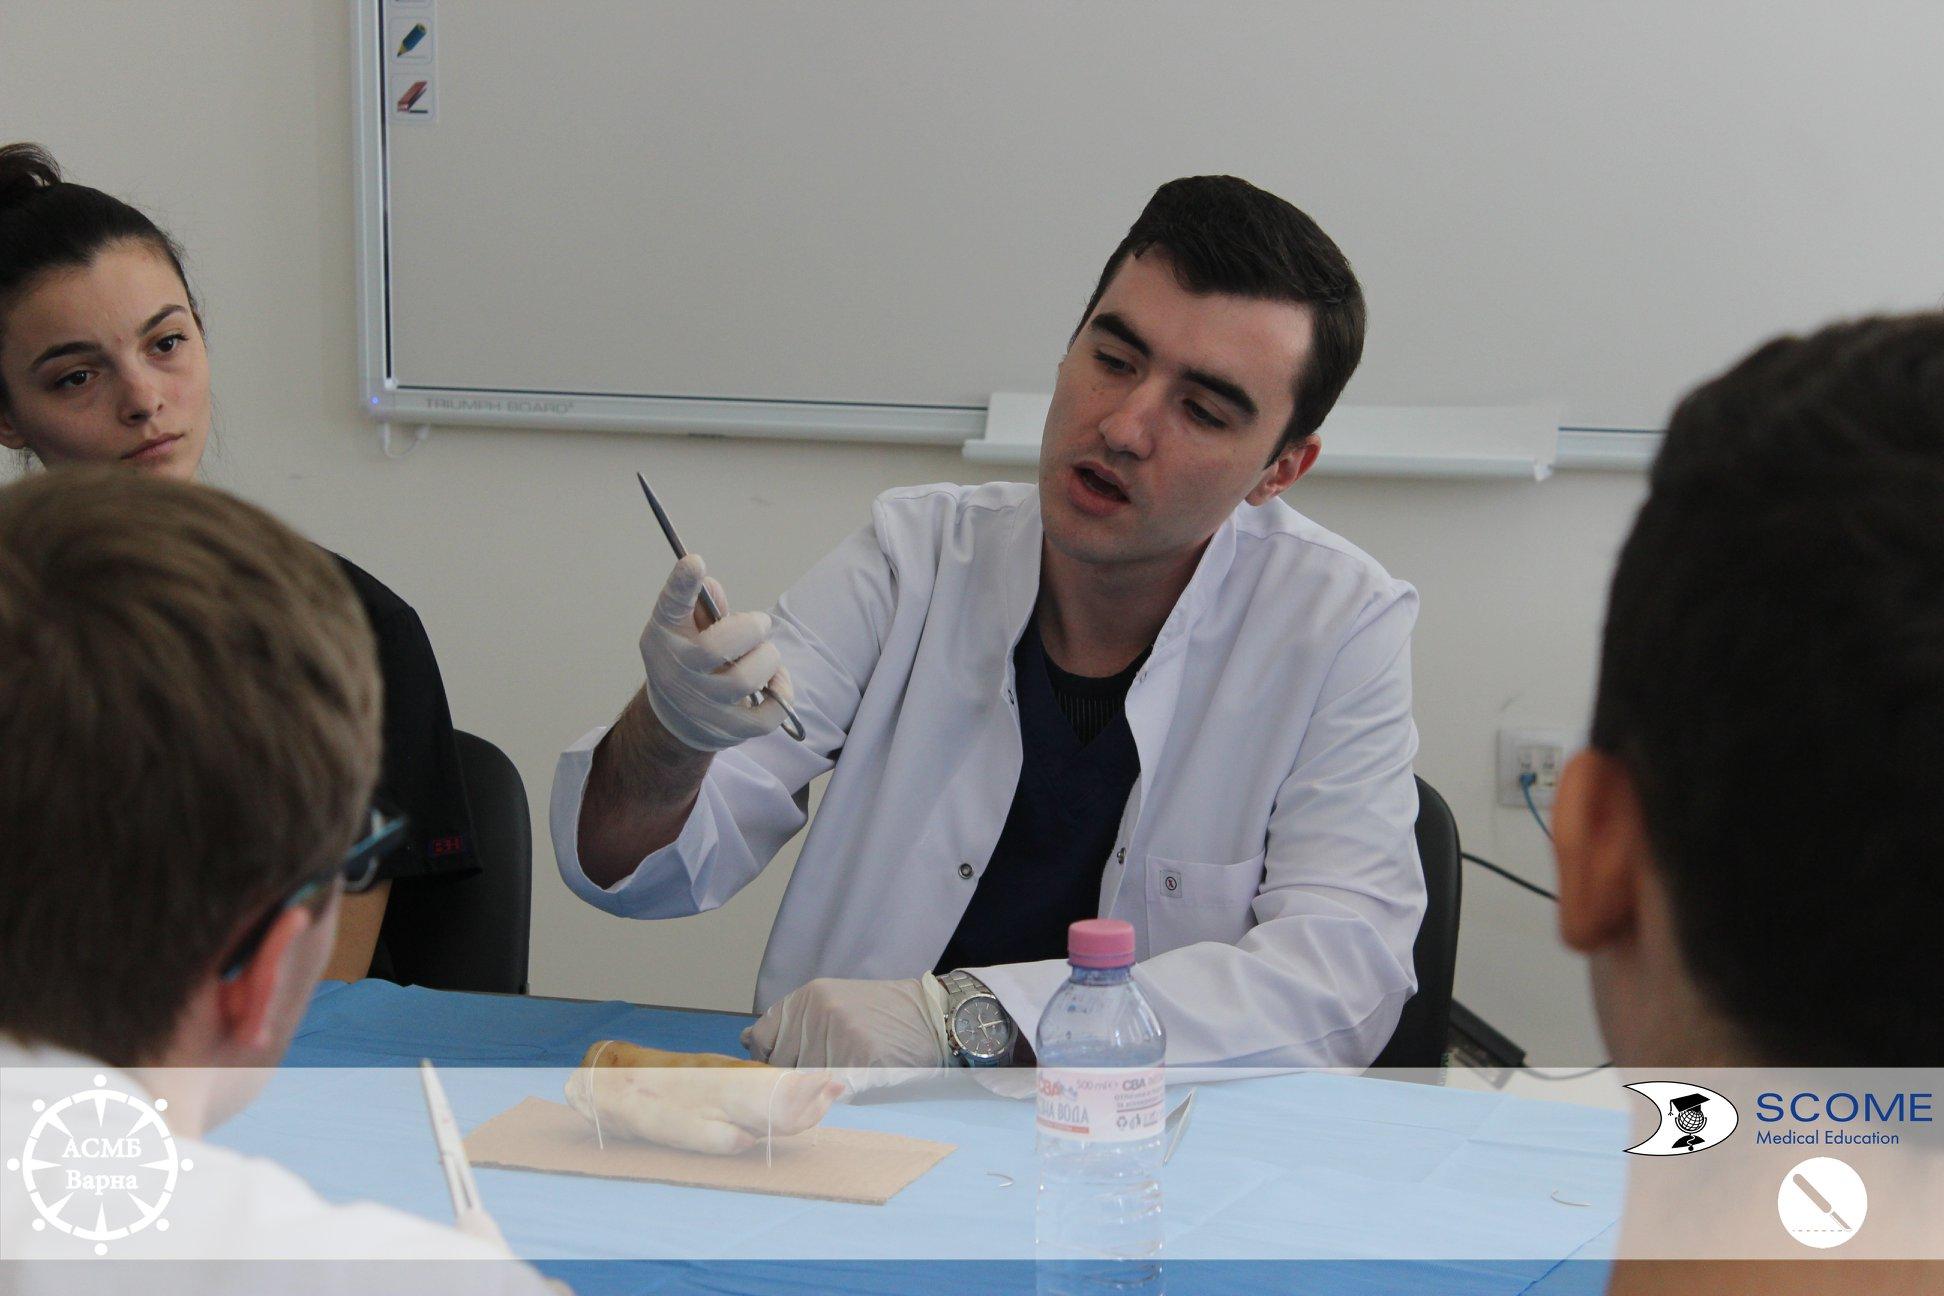 Училище по хирургическо шиене и ехография